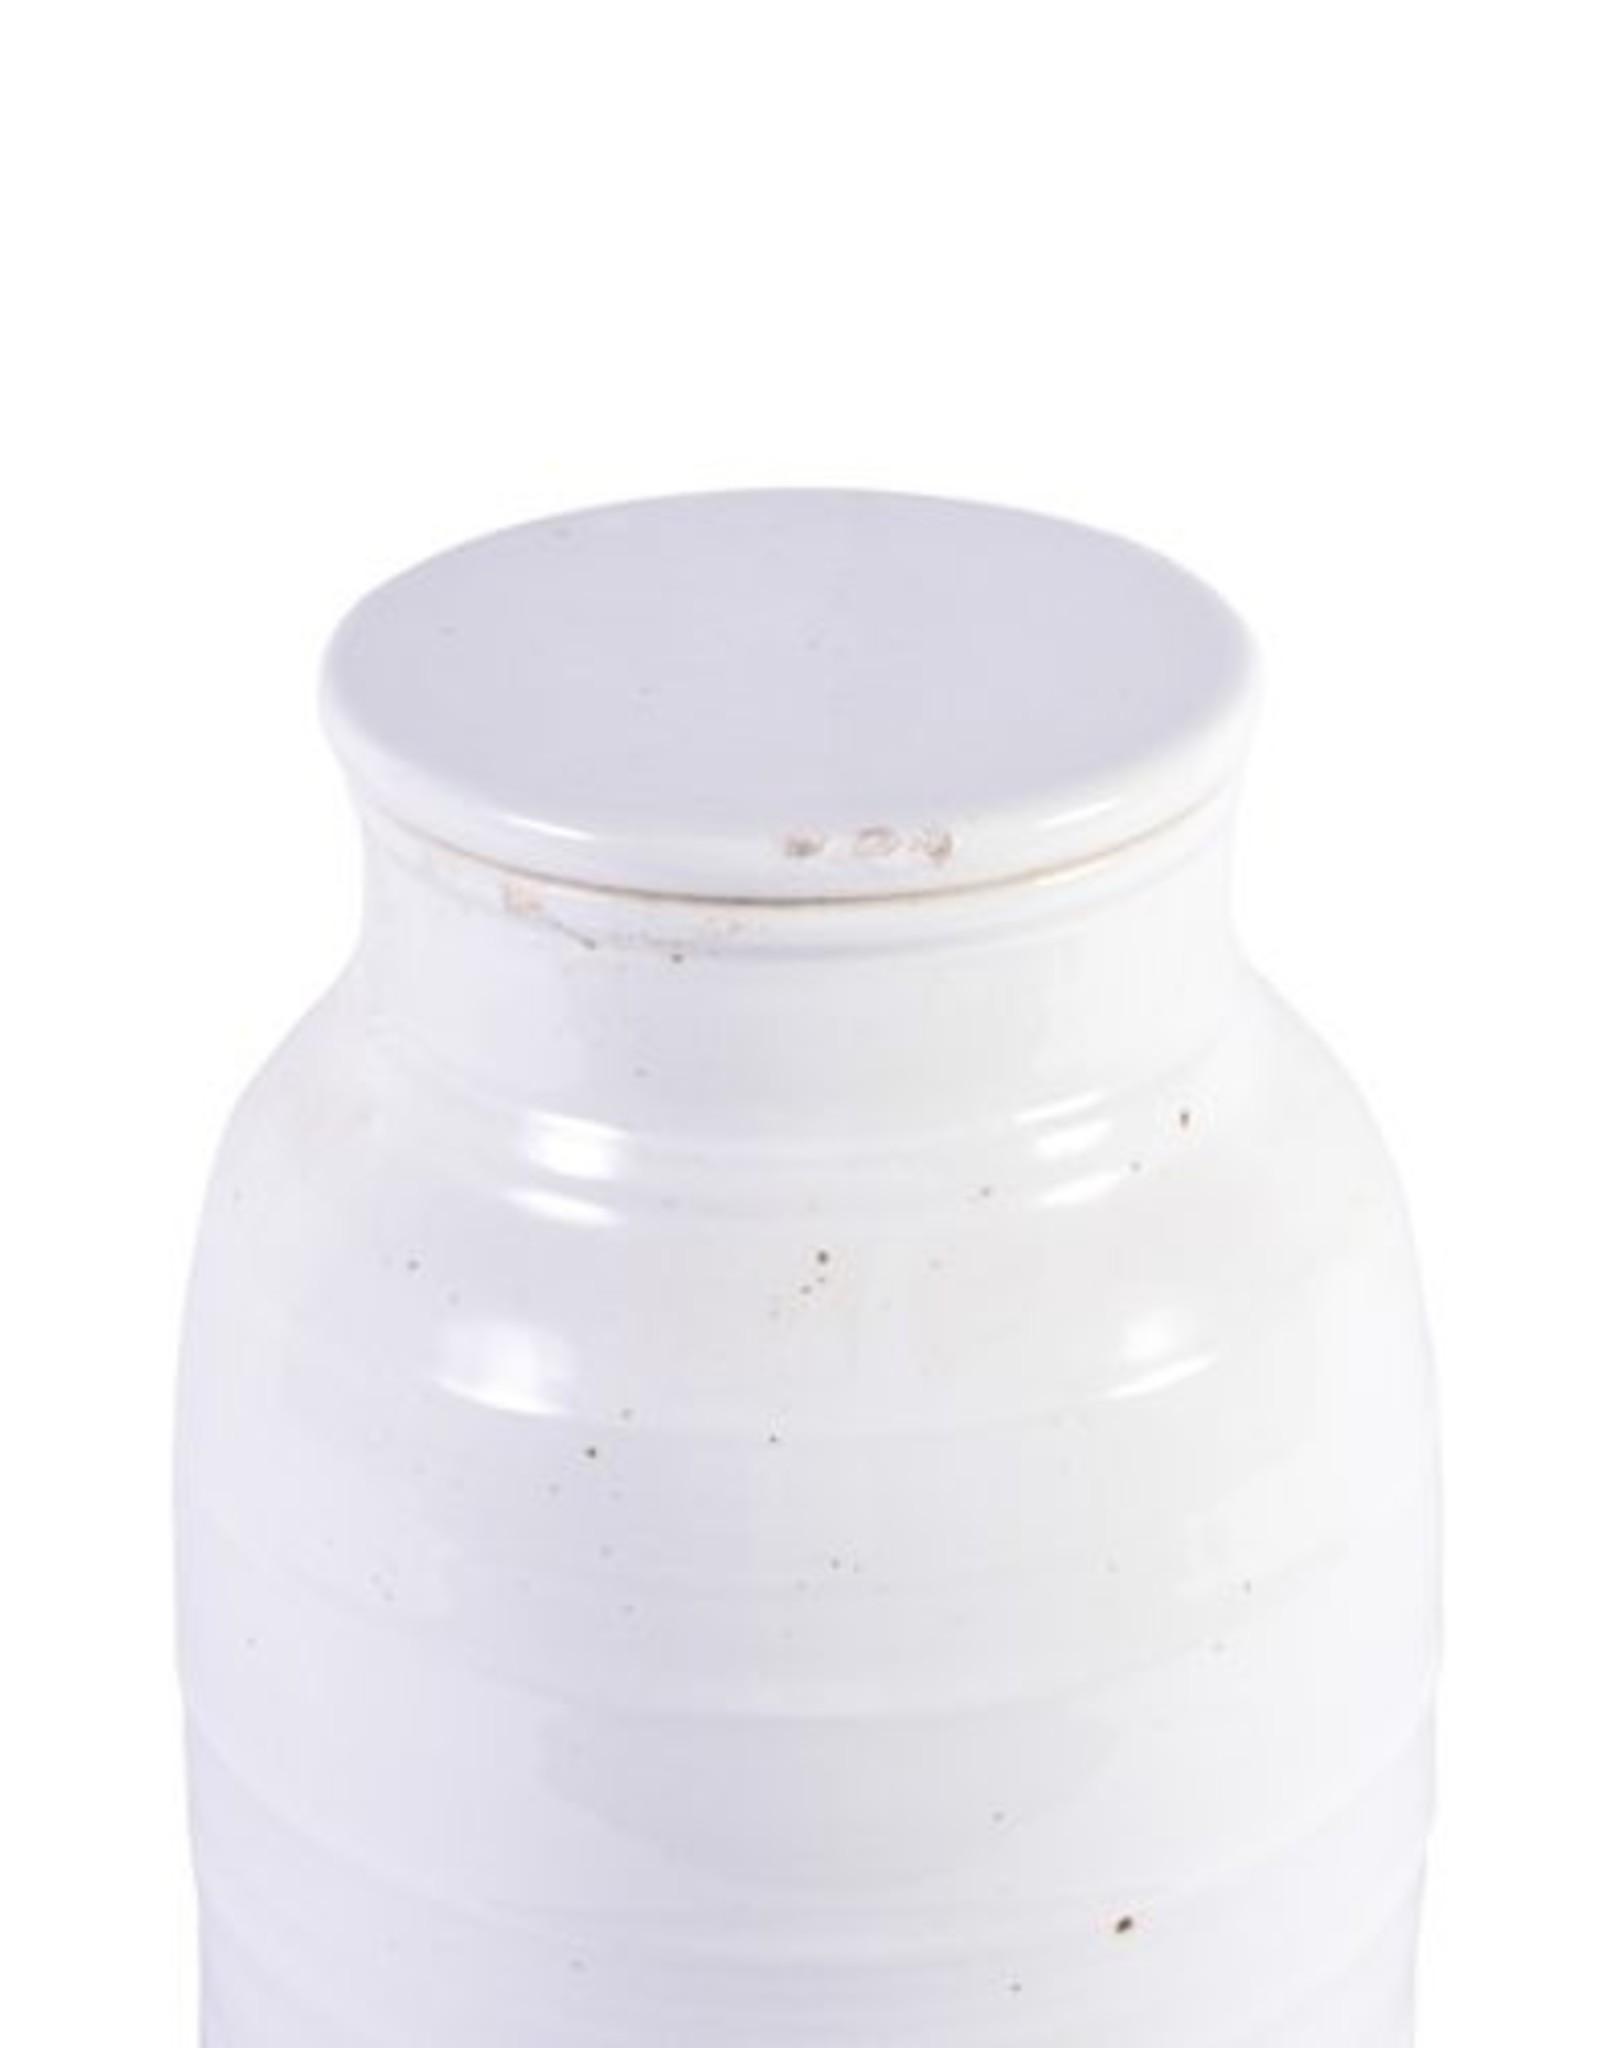 Busan White Flat Lidded Jar TallW: 9.5 D: 9.5 H: 20